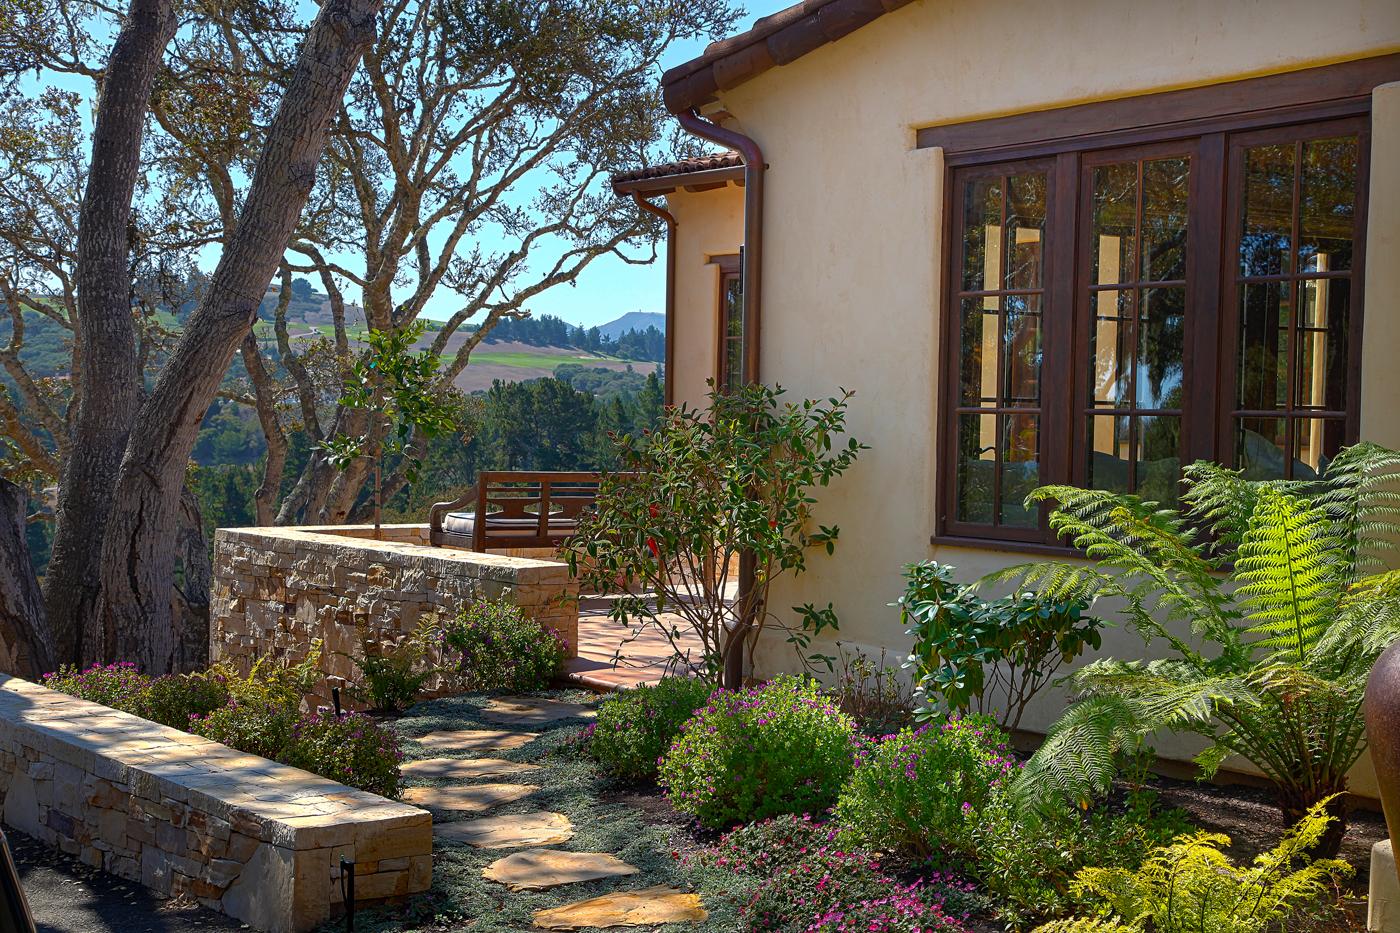 Lovett Residence 6 - Exterior.jpg